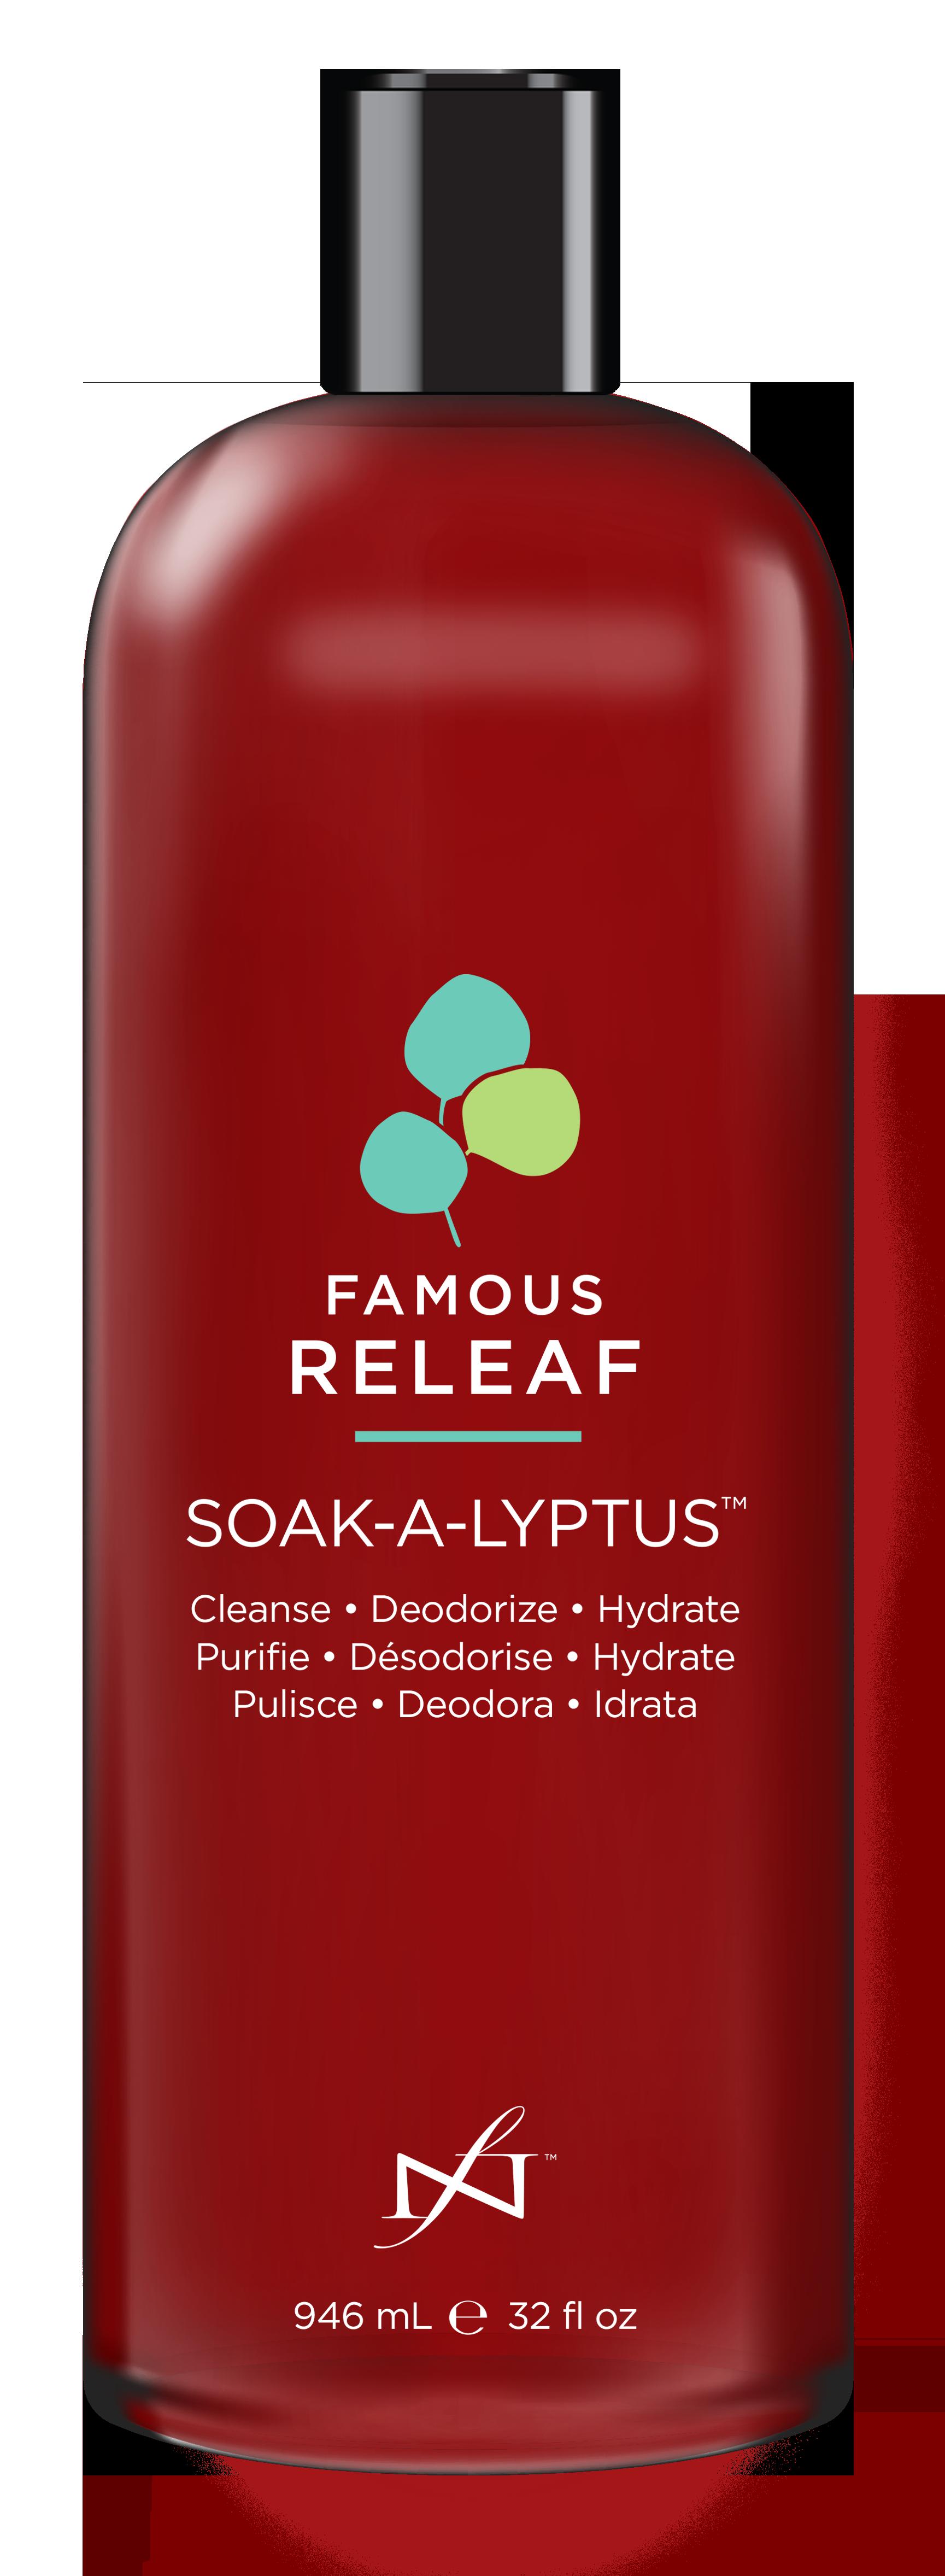 Soak-A-Lyptus 946ml